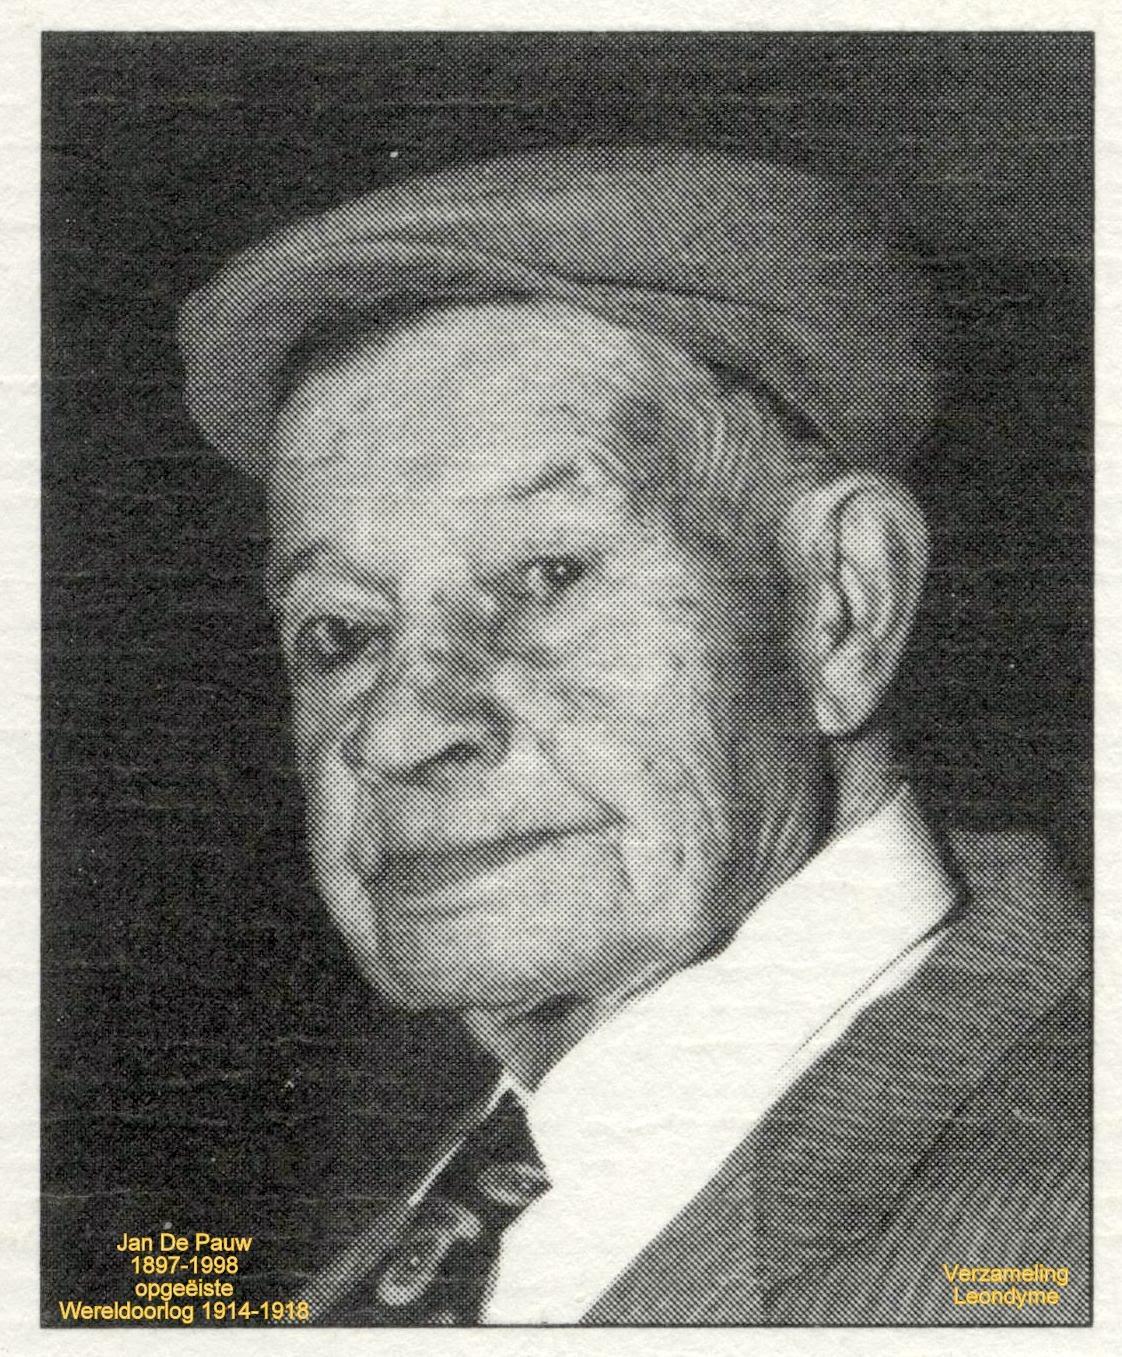 Opgeëiste Jan De Pauw 1897-1998, Wereldoorlog 1914-1918. Verzameling Leondyme.